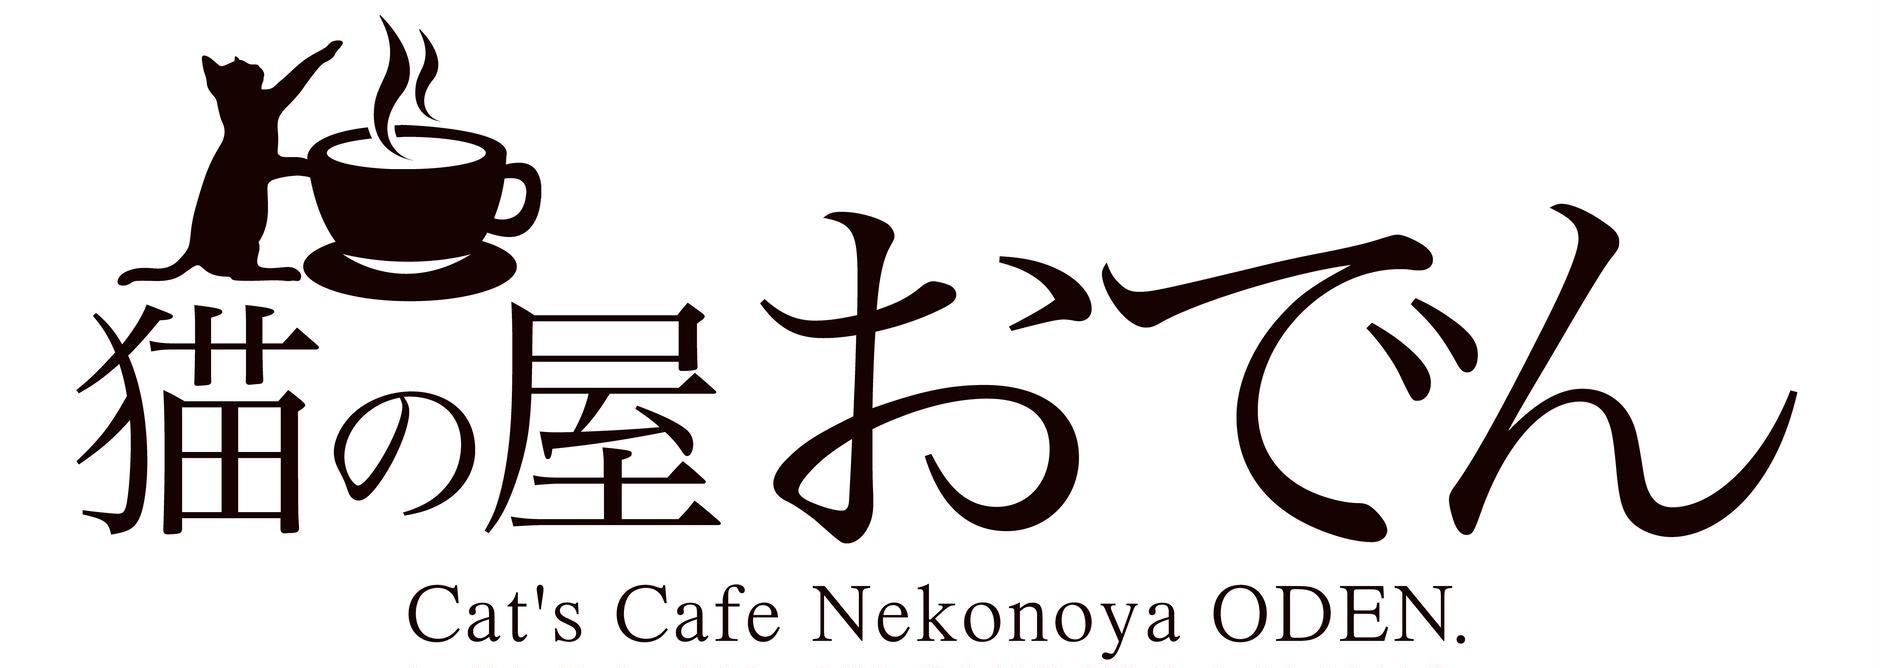 猫カフェ 猫の屋おでん